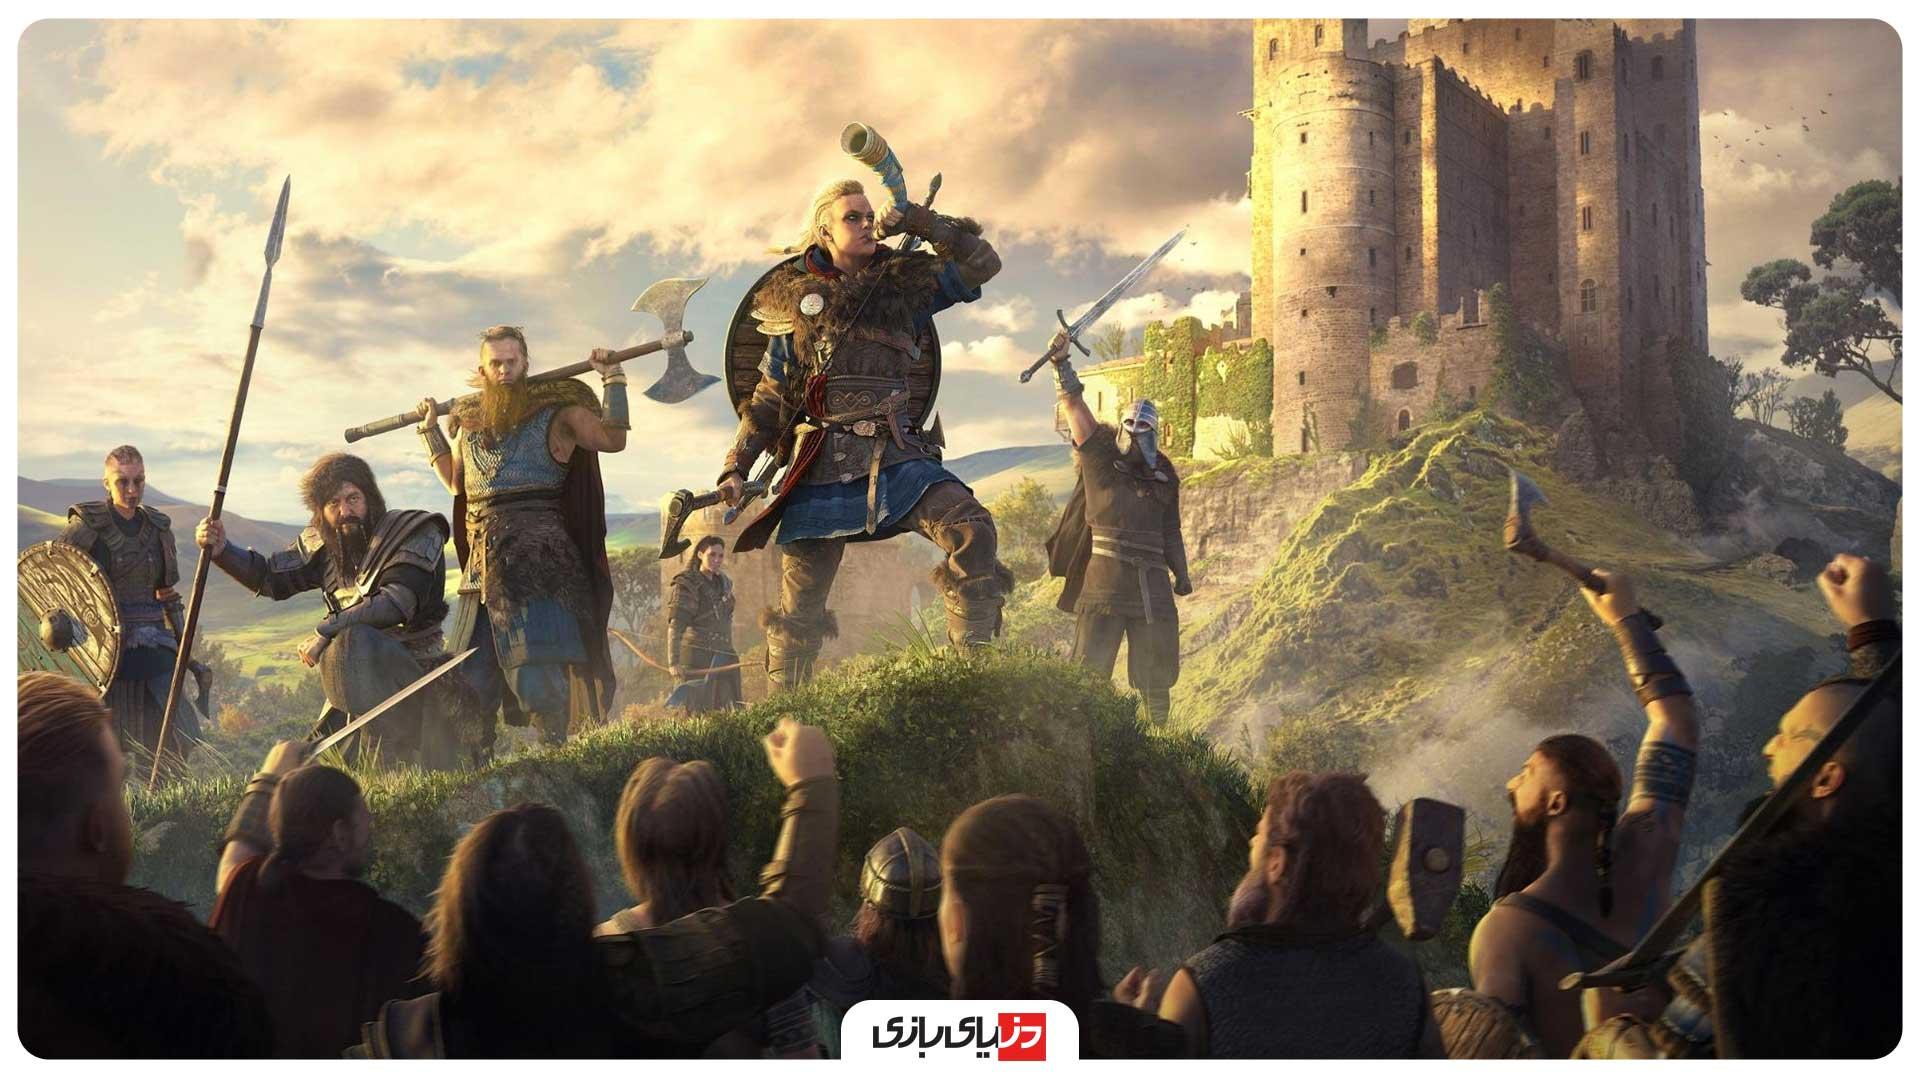 نگاهی به مراسم یوبیسافت فوروارد 2020 - مراسم Ubisoft Forward 2020 - تریلر بازی Prince of Persia: The Sands of Time Remake - معرفی بازی Watch Dogs 3 - تریلر بازی Assassin's Creed Valhalla